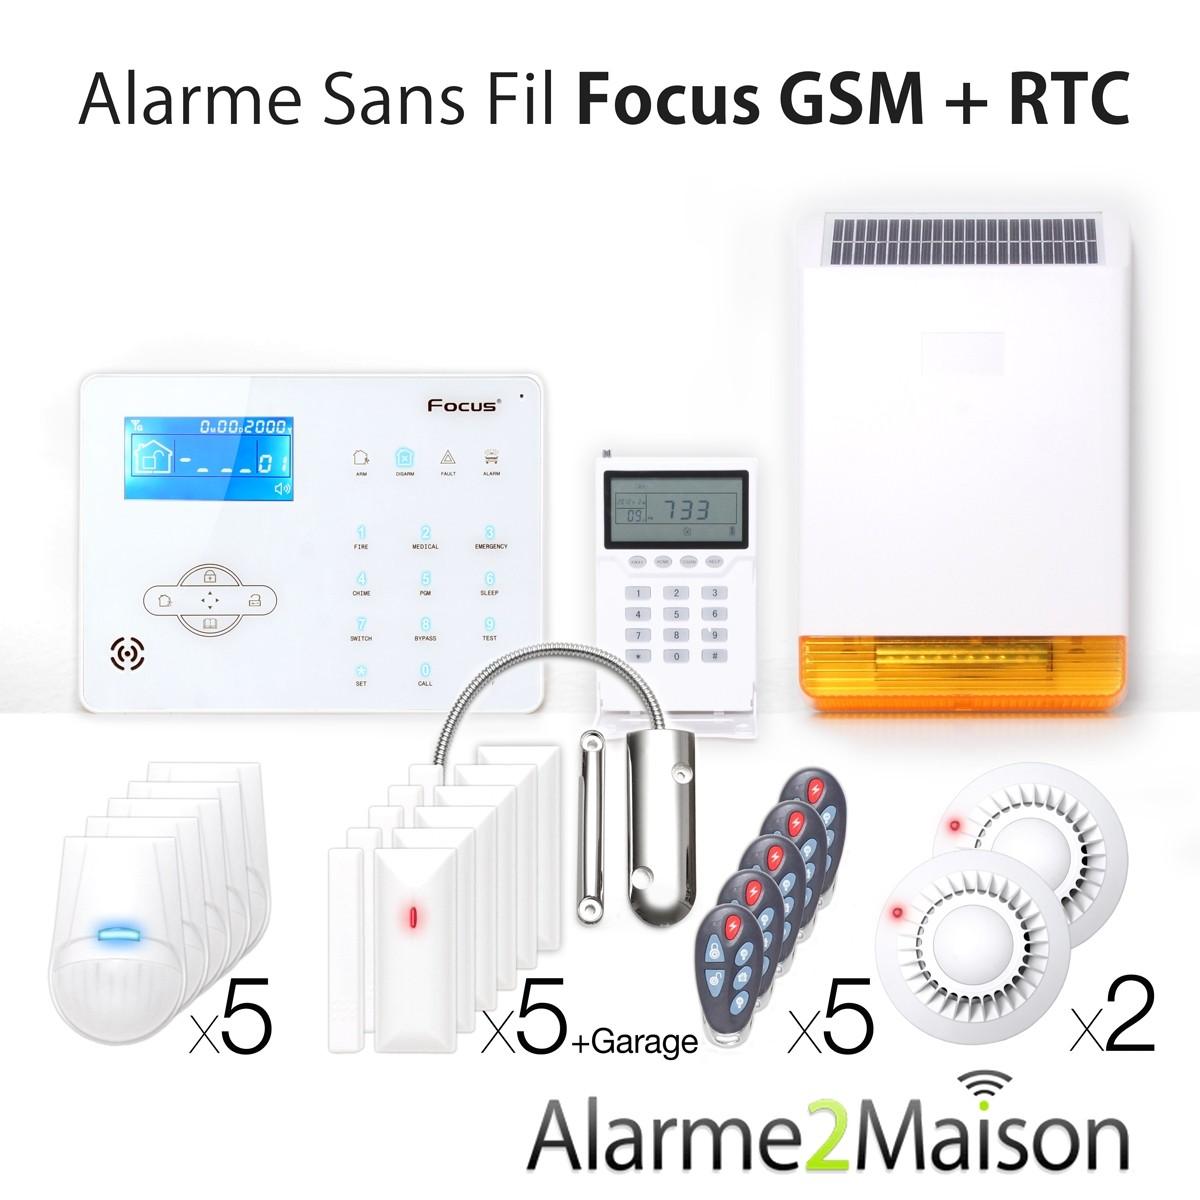 Securitas Direct : Toutes les raisons pour lesquelles j'ai adopté une alarme avec télésurveillance chez moi